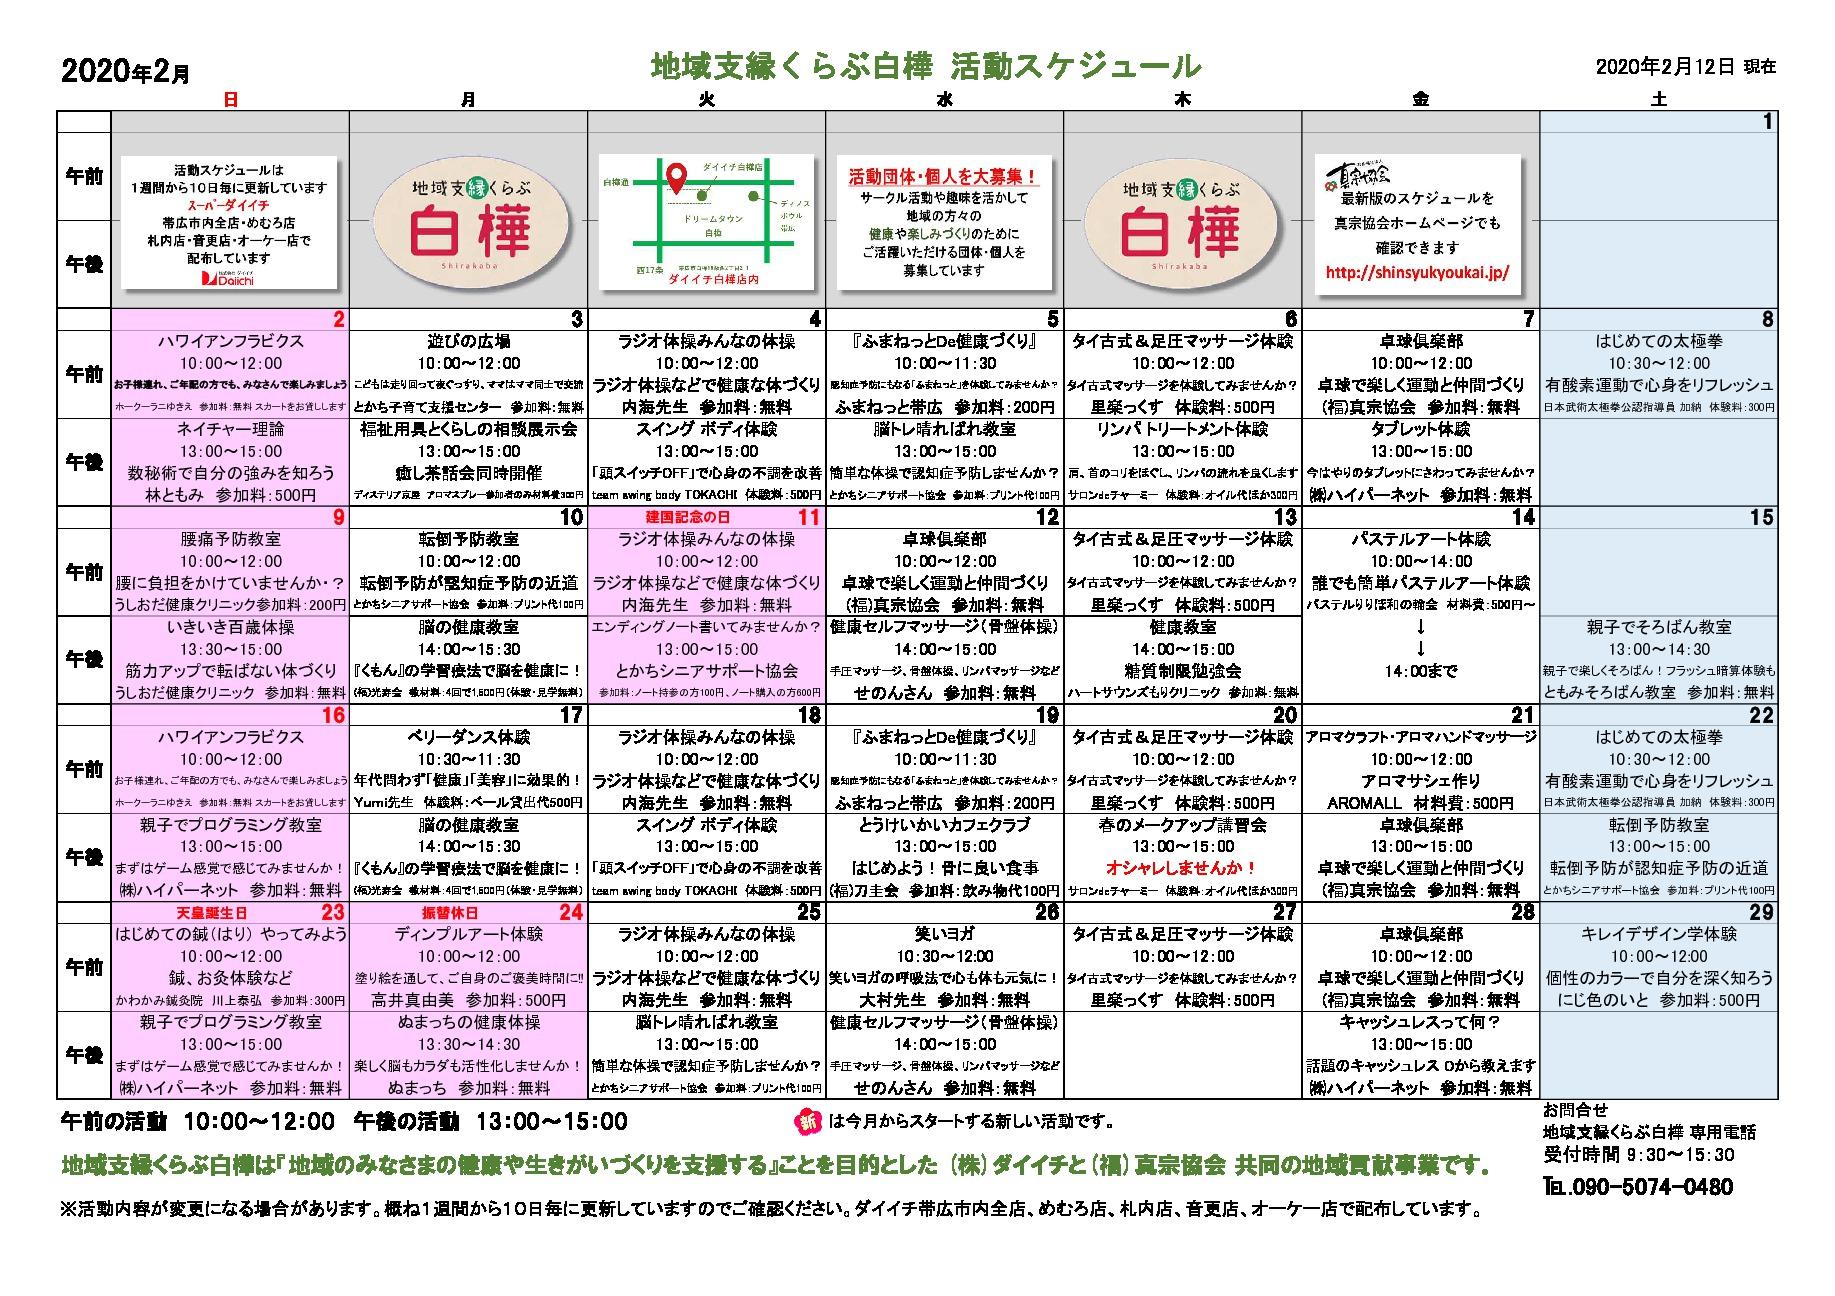 2019活動スケジュール2(2020.2.12付)のサムネイル